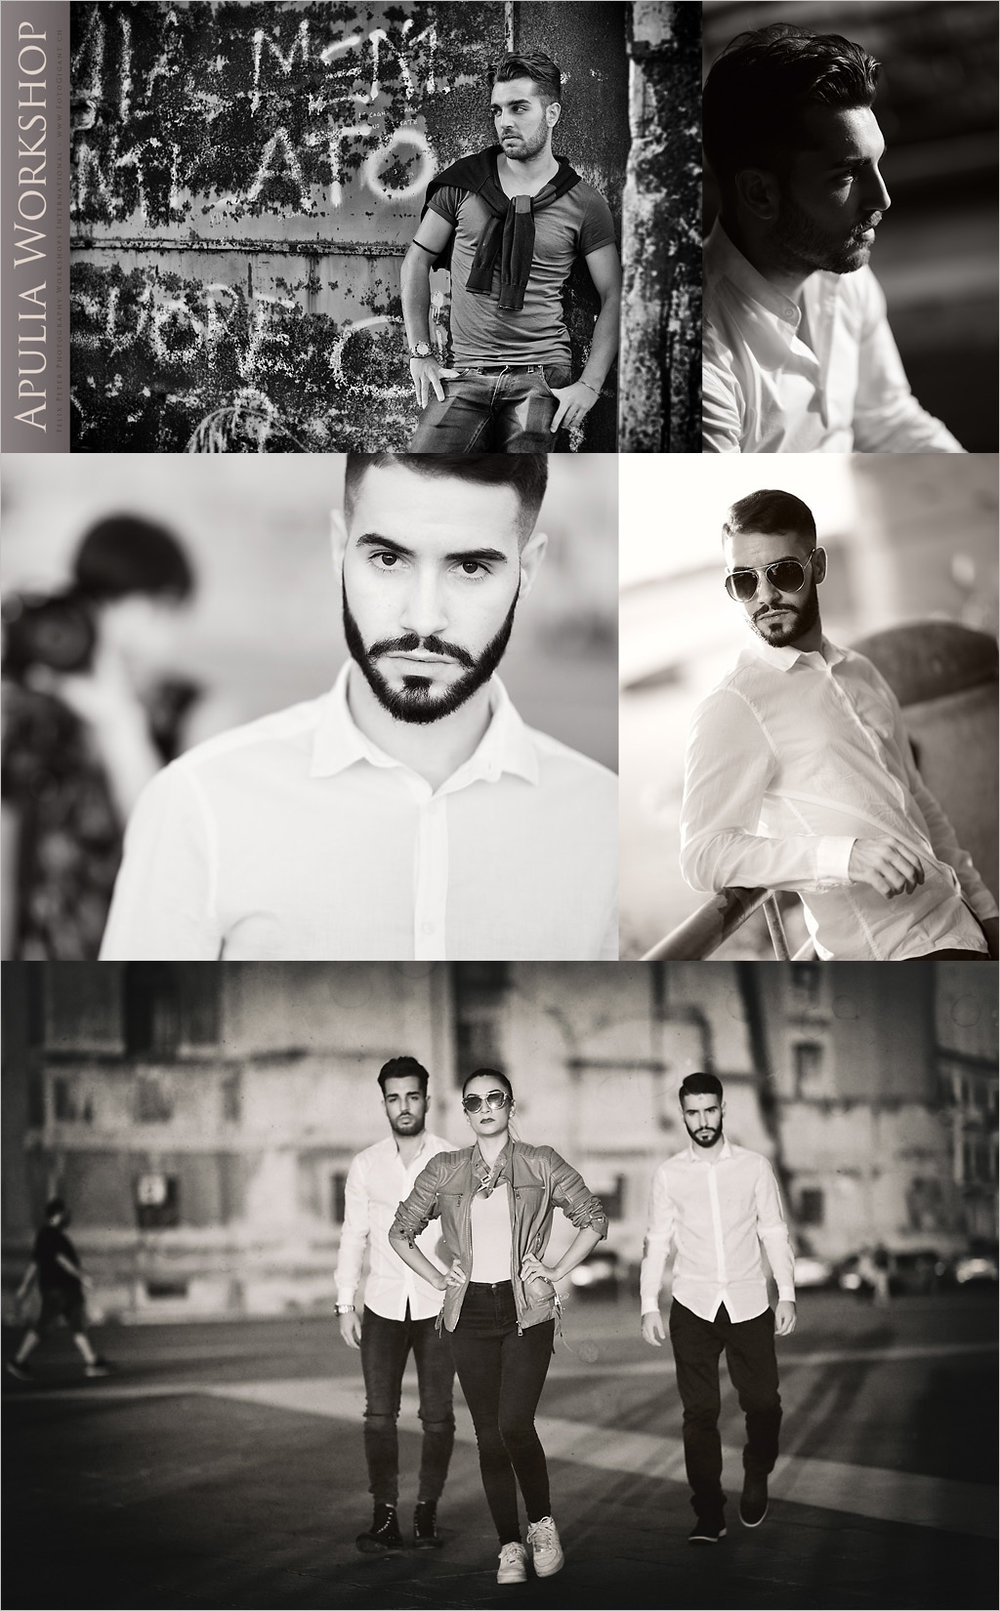 Felix_Peter_APULIA_Foto-Workshop3.jpg